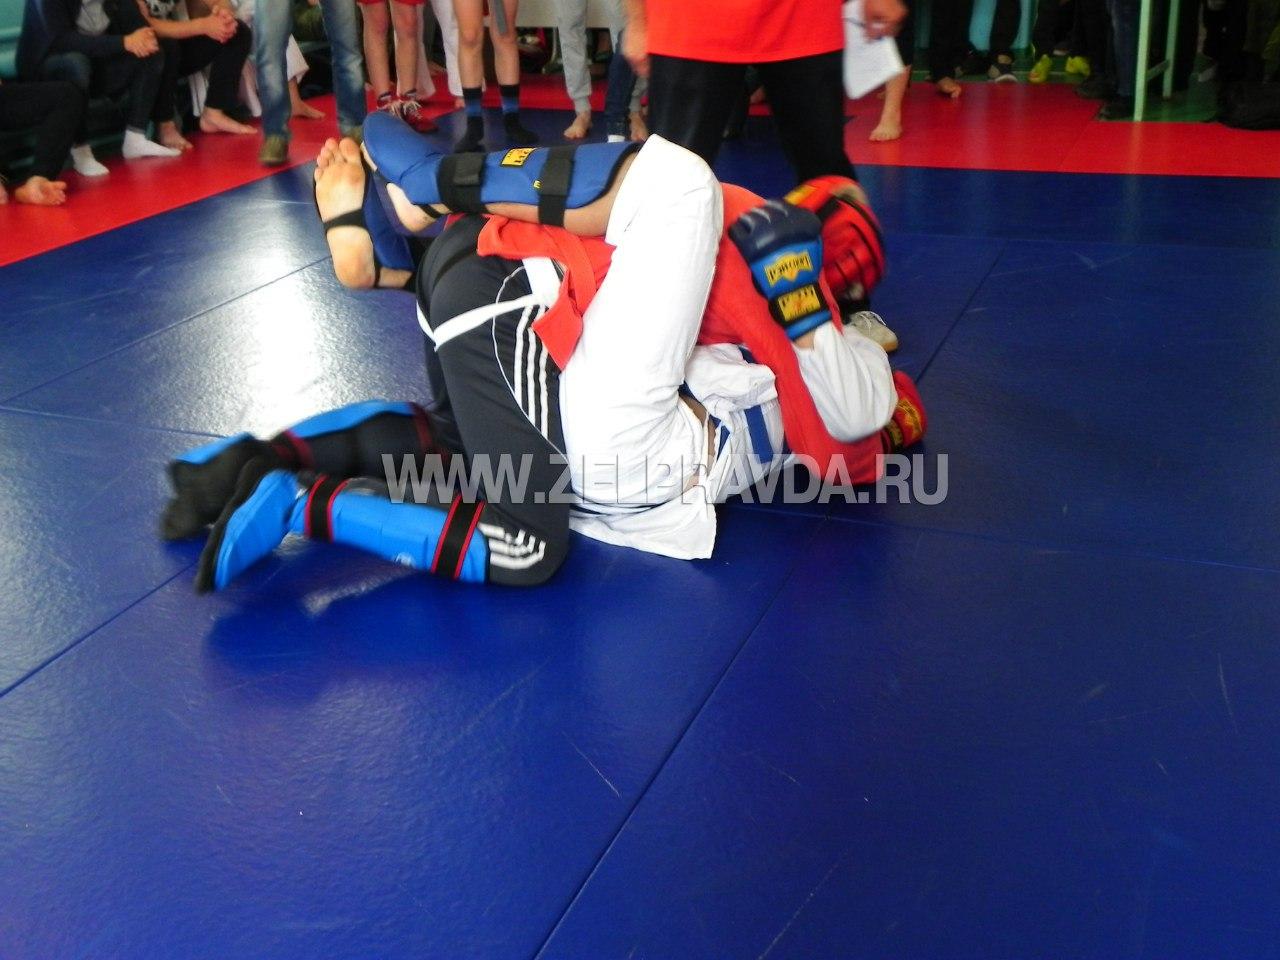 В станице Зеленчукской прошли соревнования по армейскому рукопашному бою